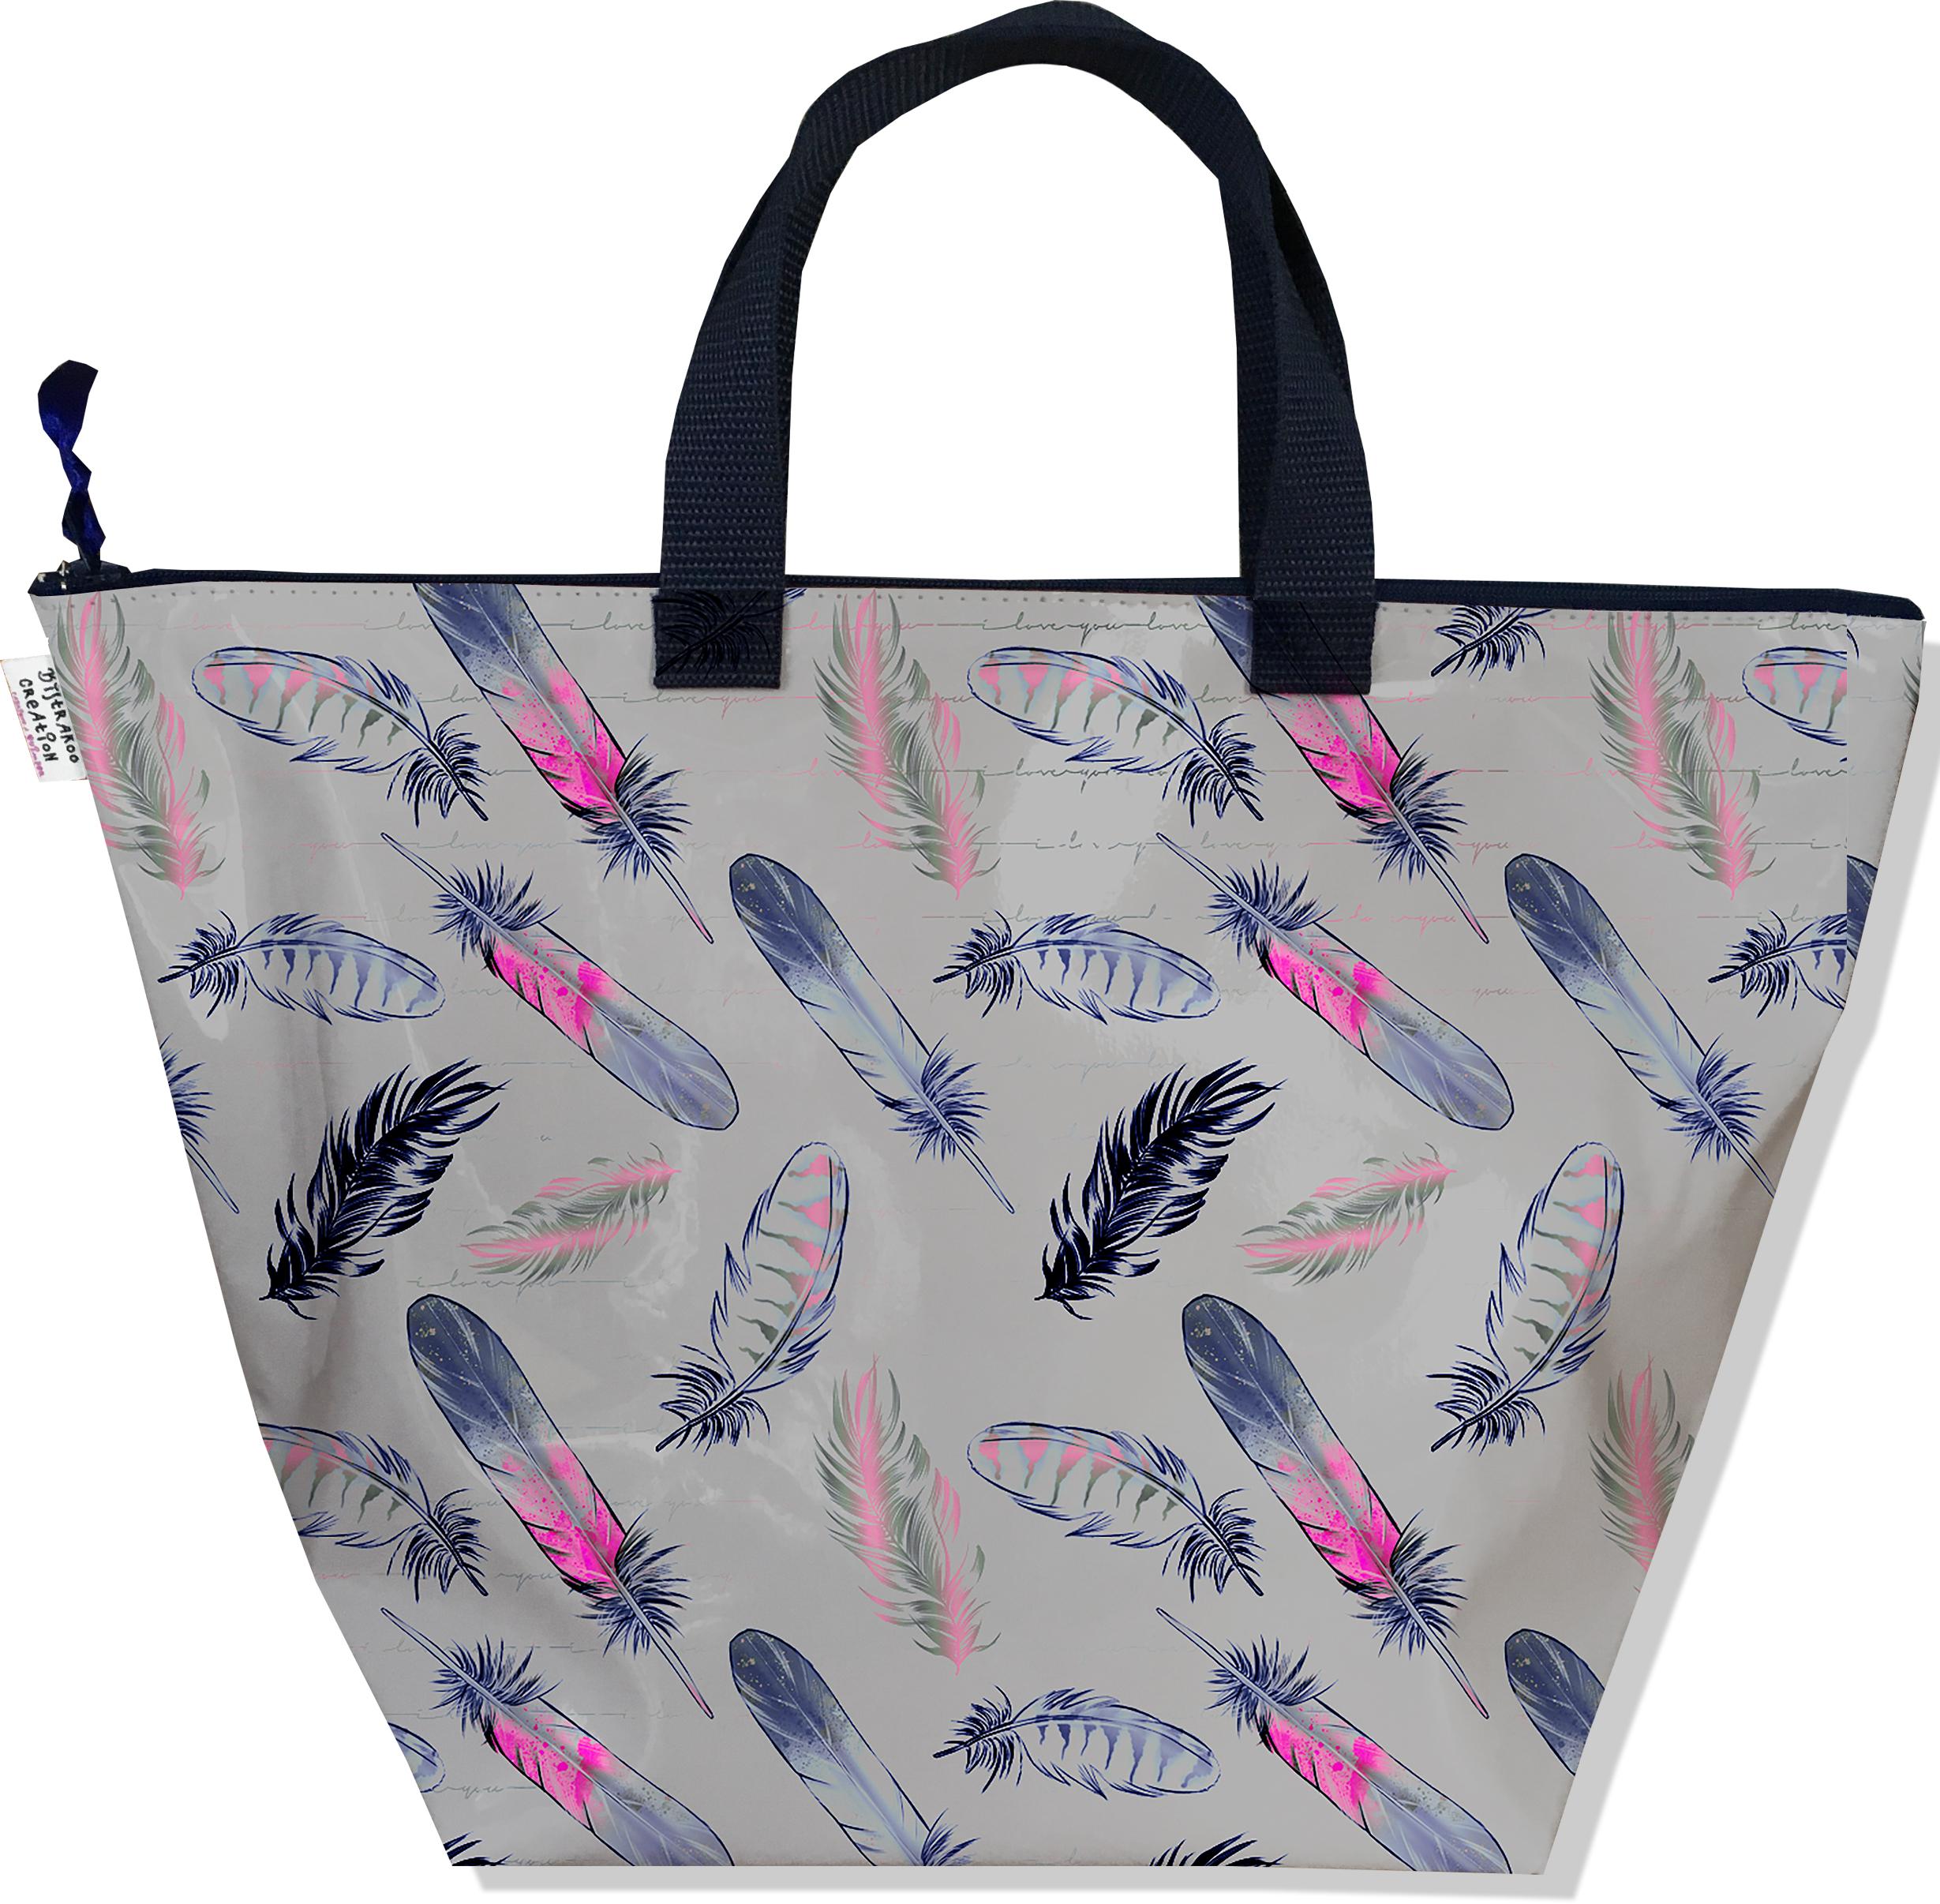 Sac à main zippé pour femme motif Plumes bleu marine et rose fond gris 3237